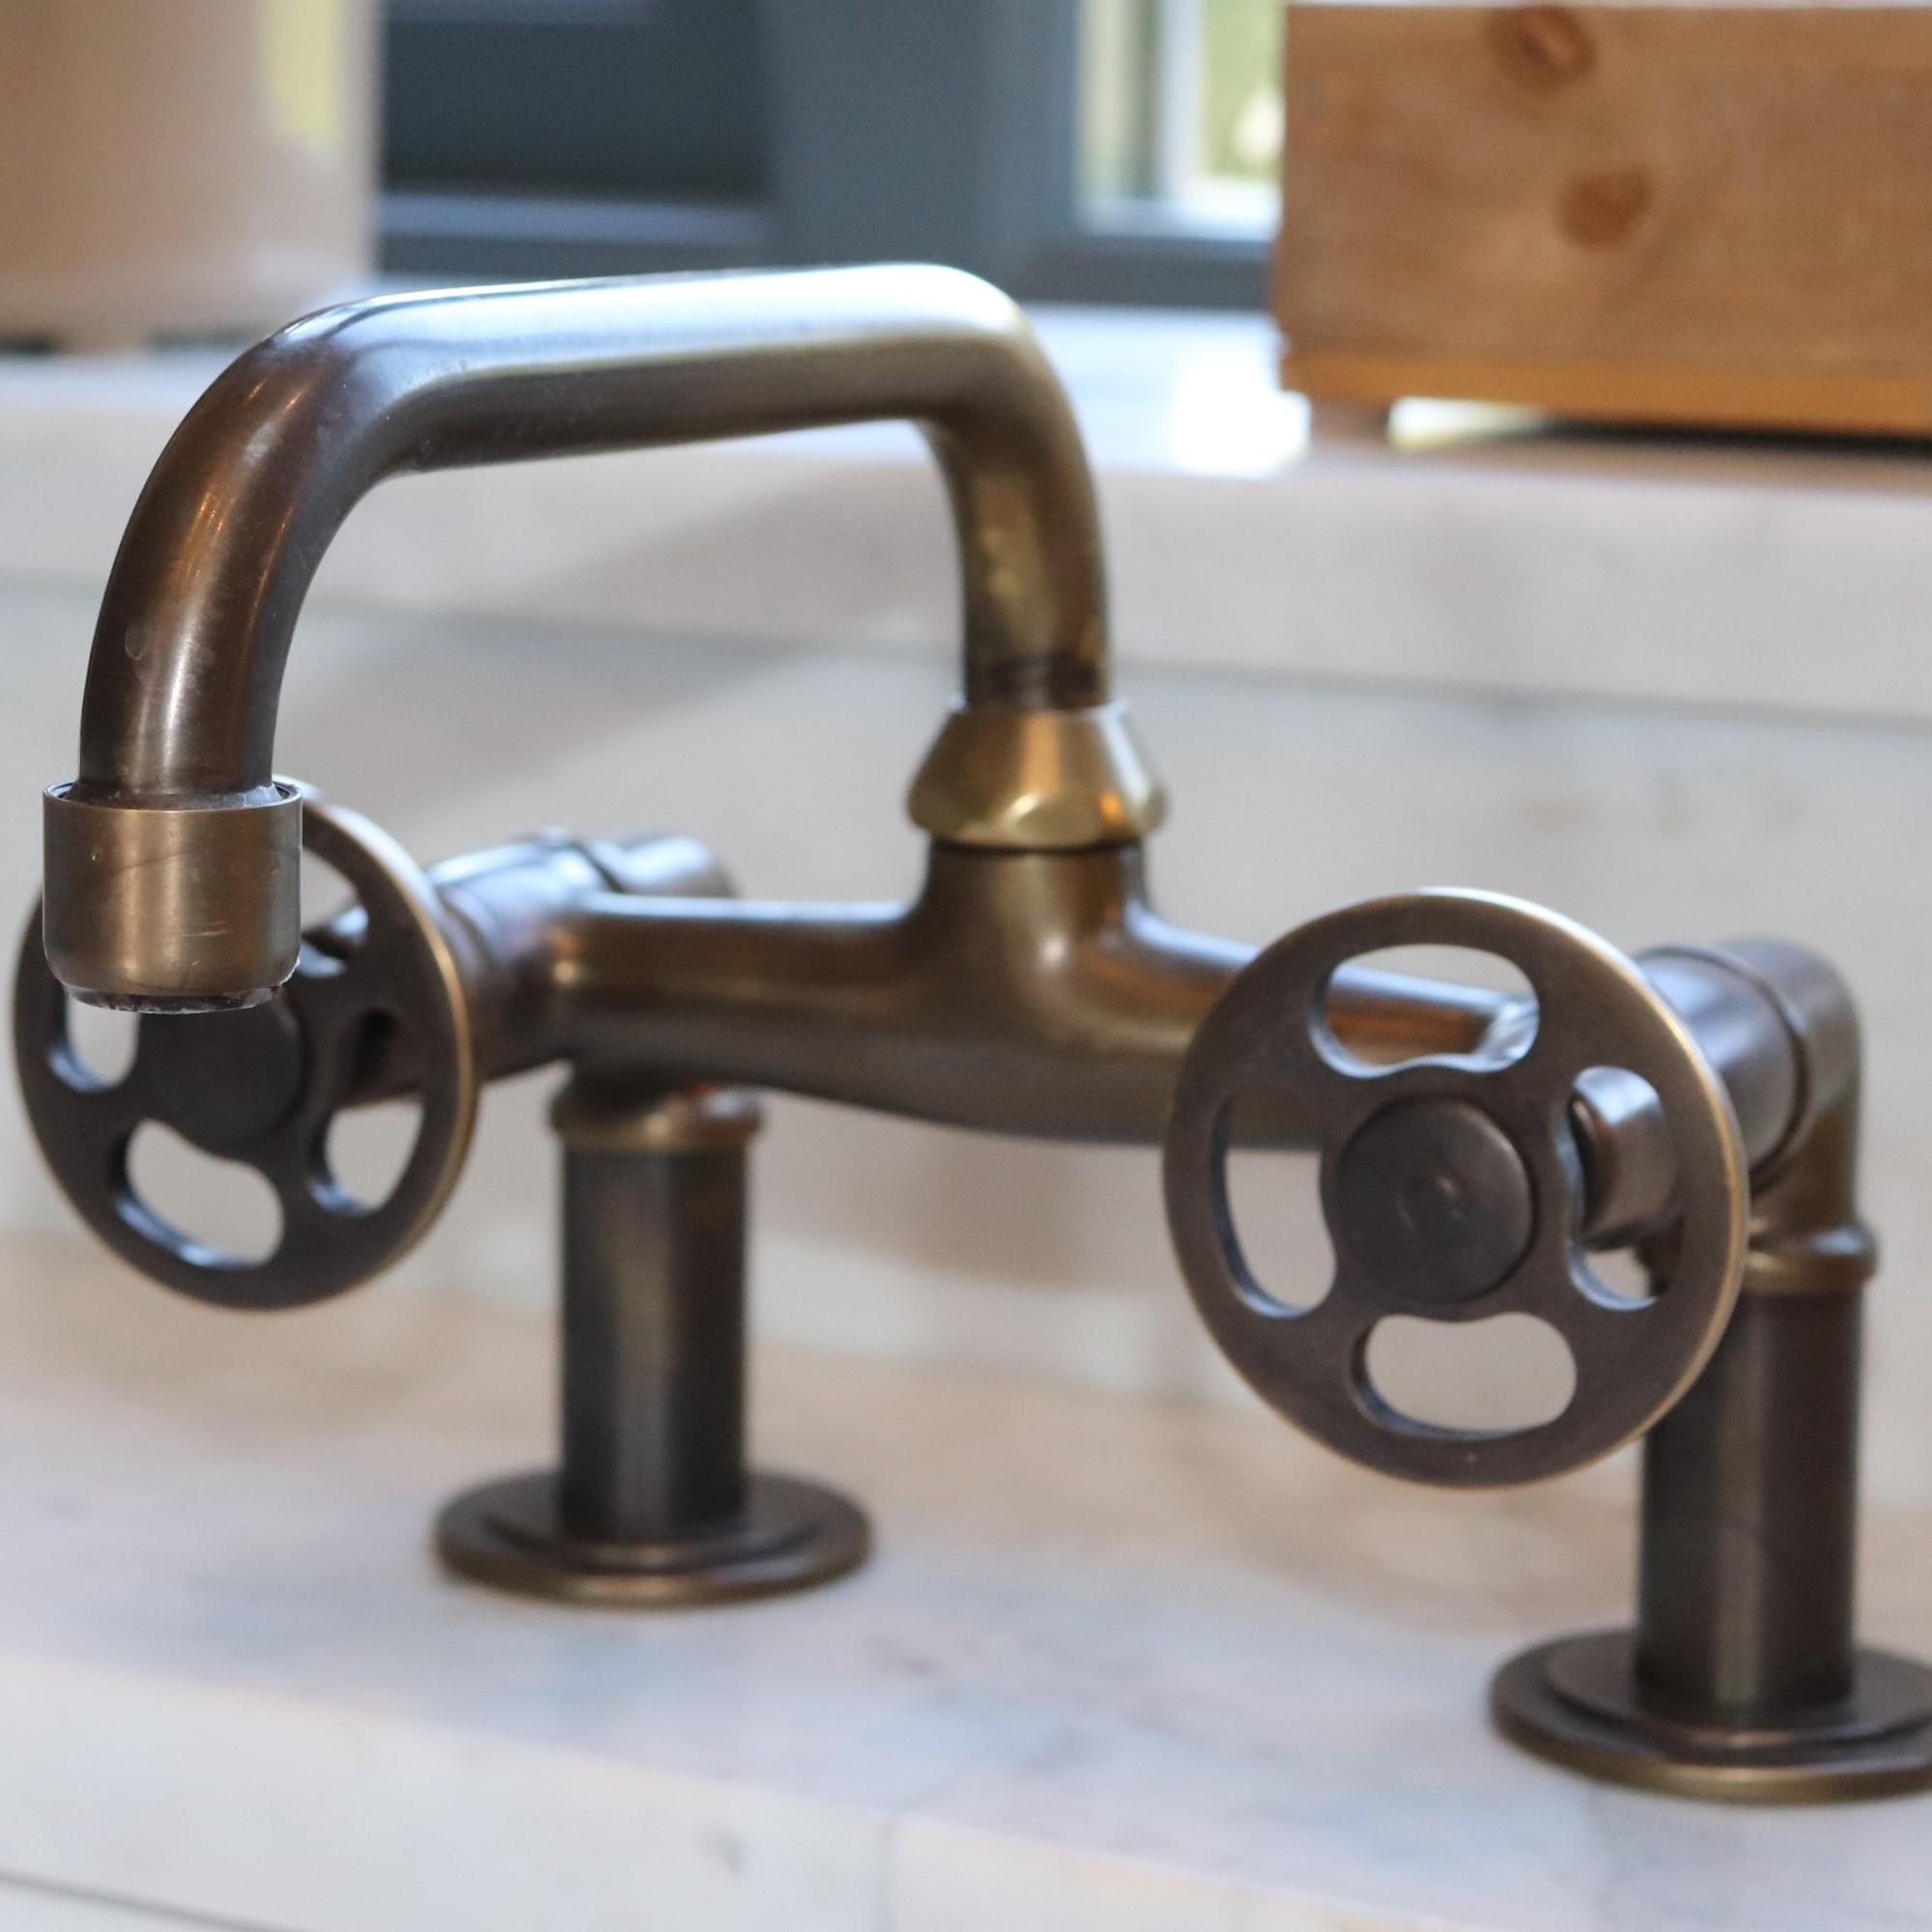 Brass Taps - Warwickshire Interior Designer